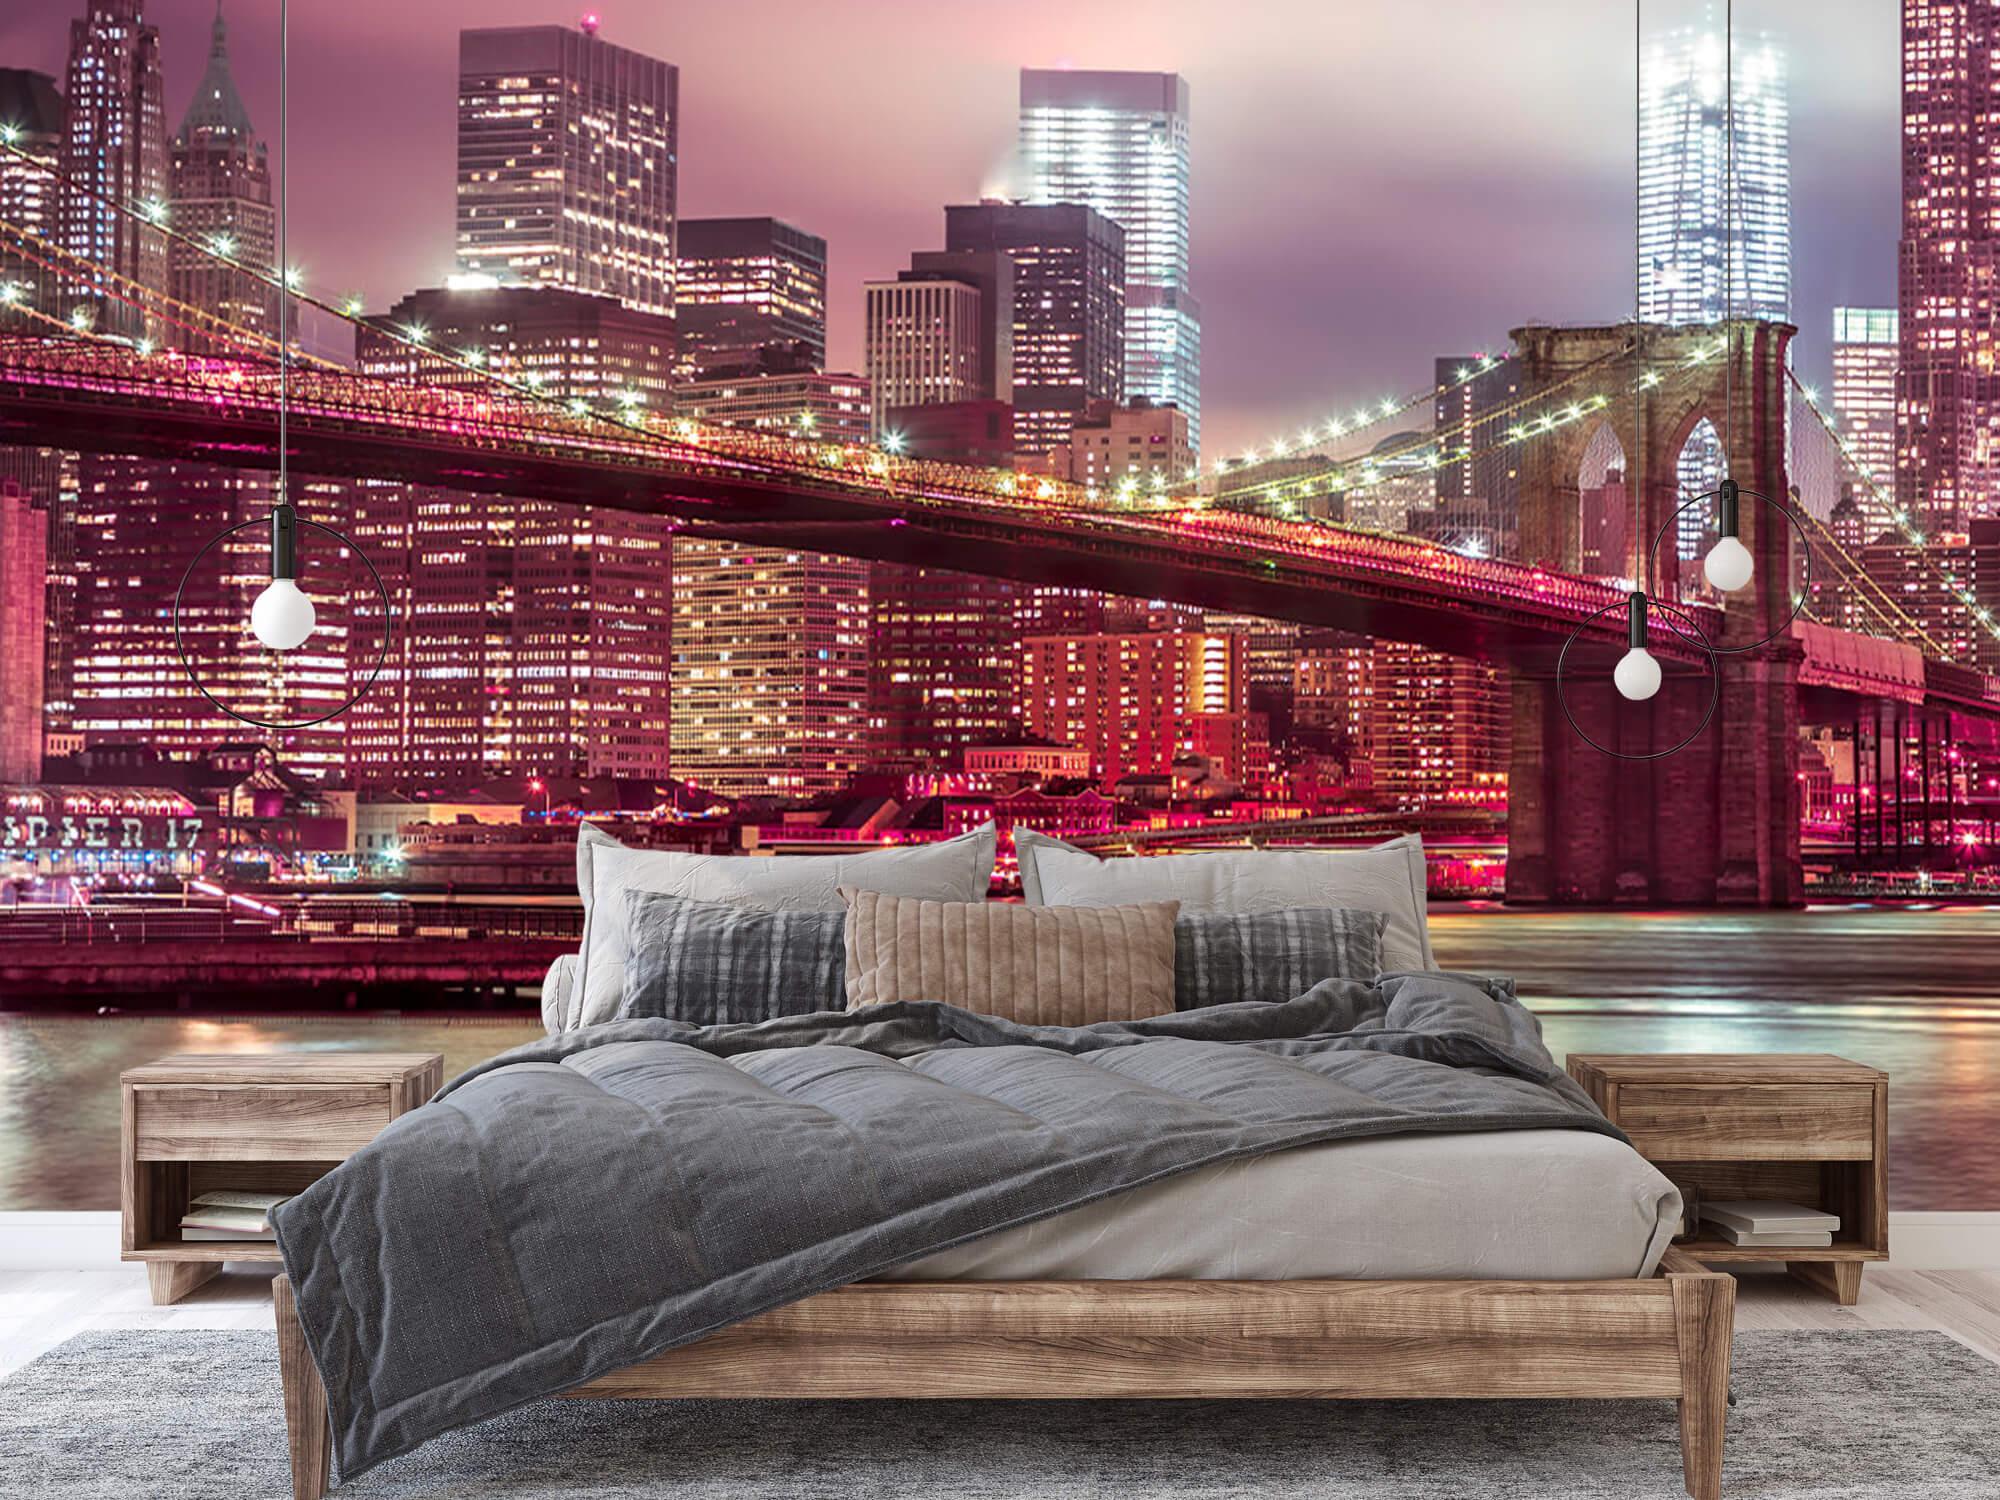 Evening in Manhattan 1